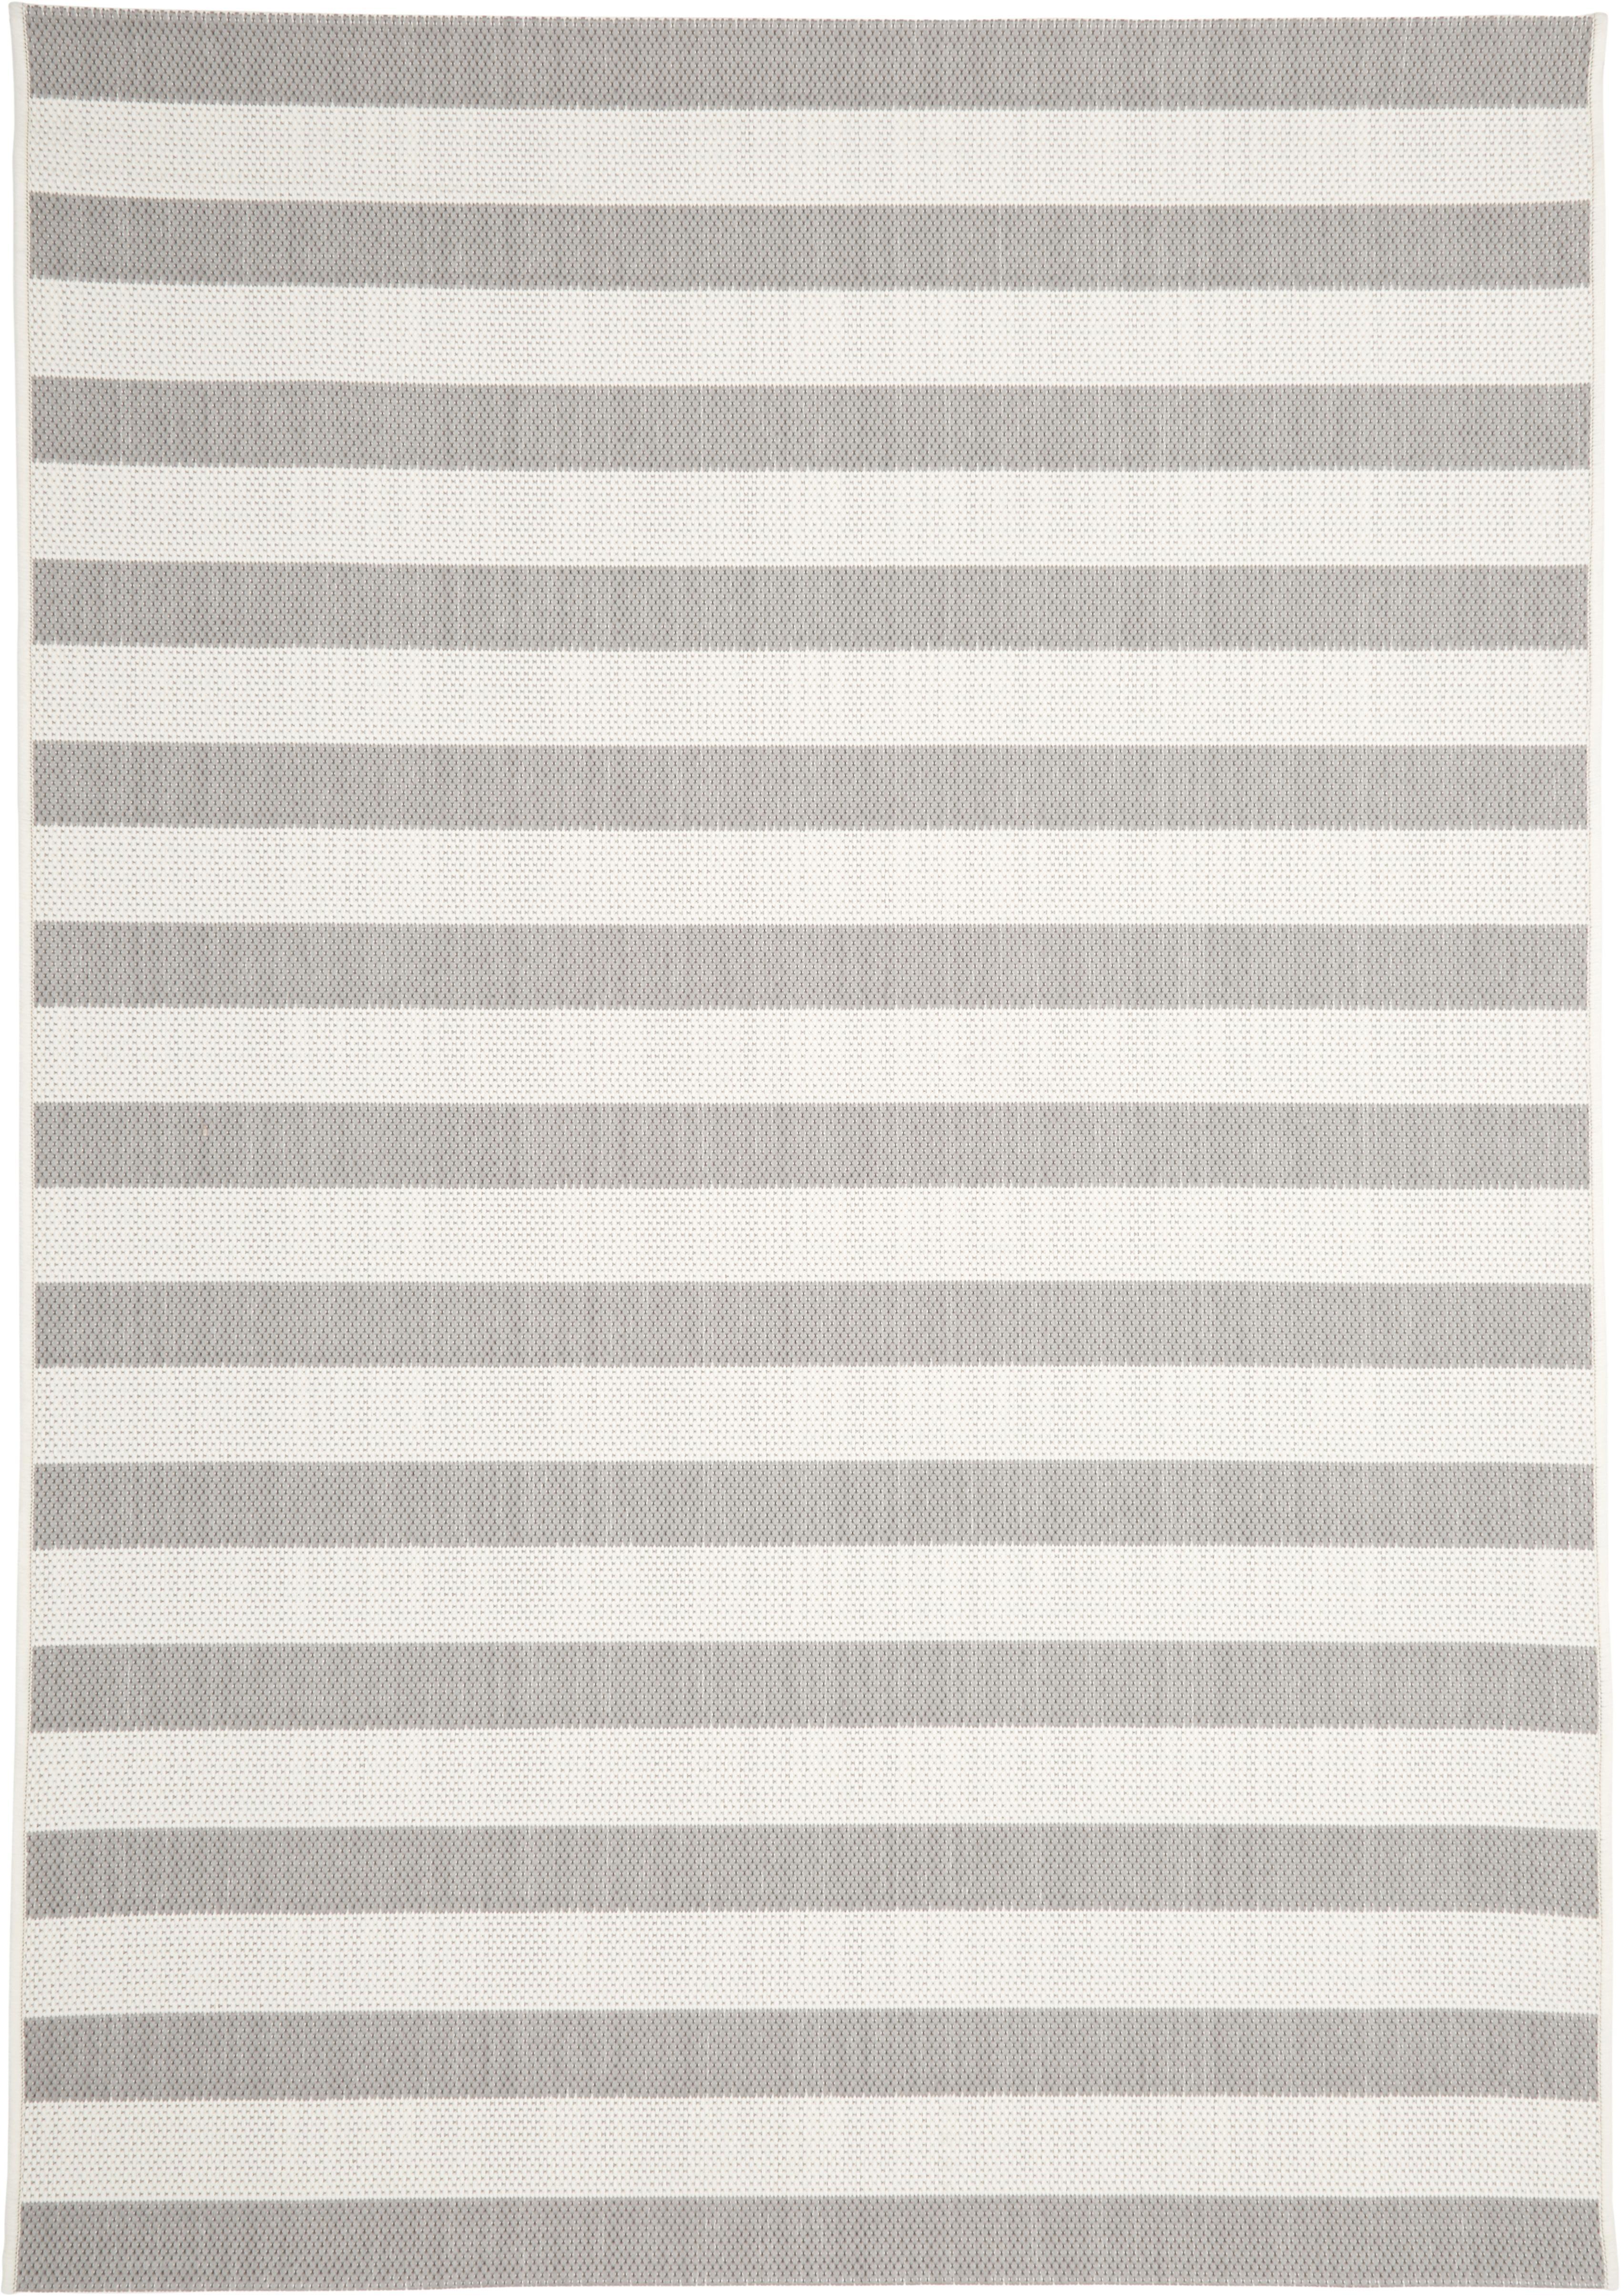 Tappeto da interno-esterno a righe Axa, Retro: poliestere, Bianco crema, grigio, Larg. 120 x Lung. 170 cm (taglia s)